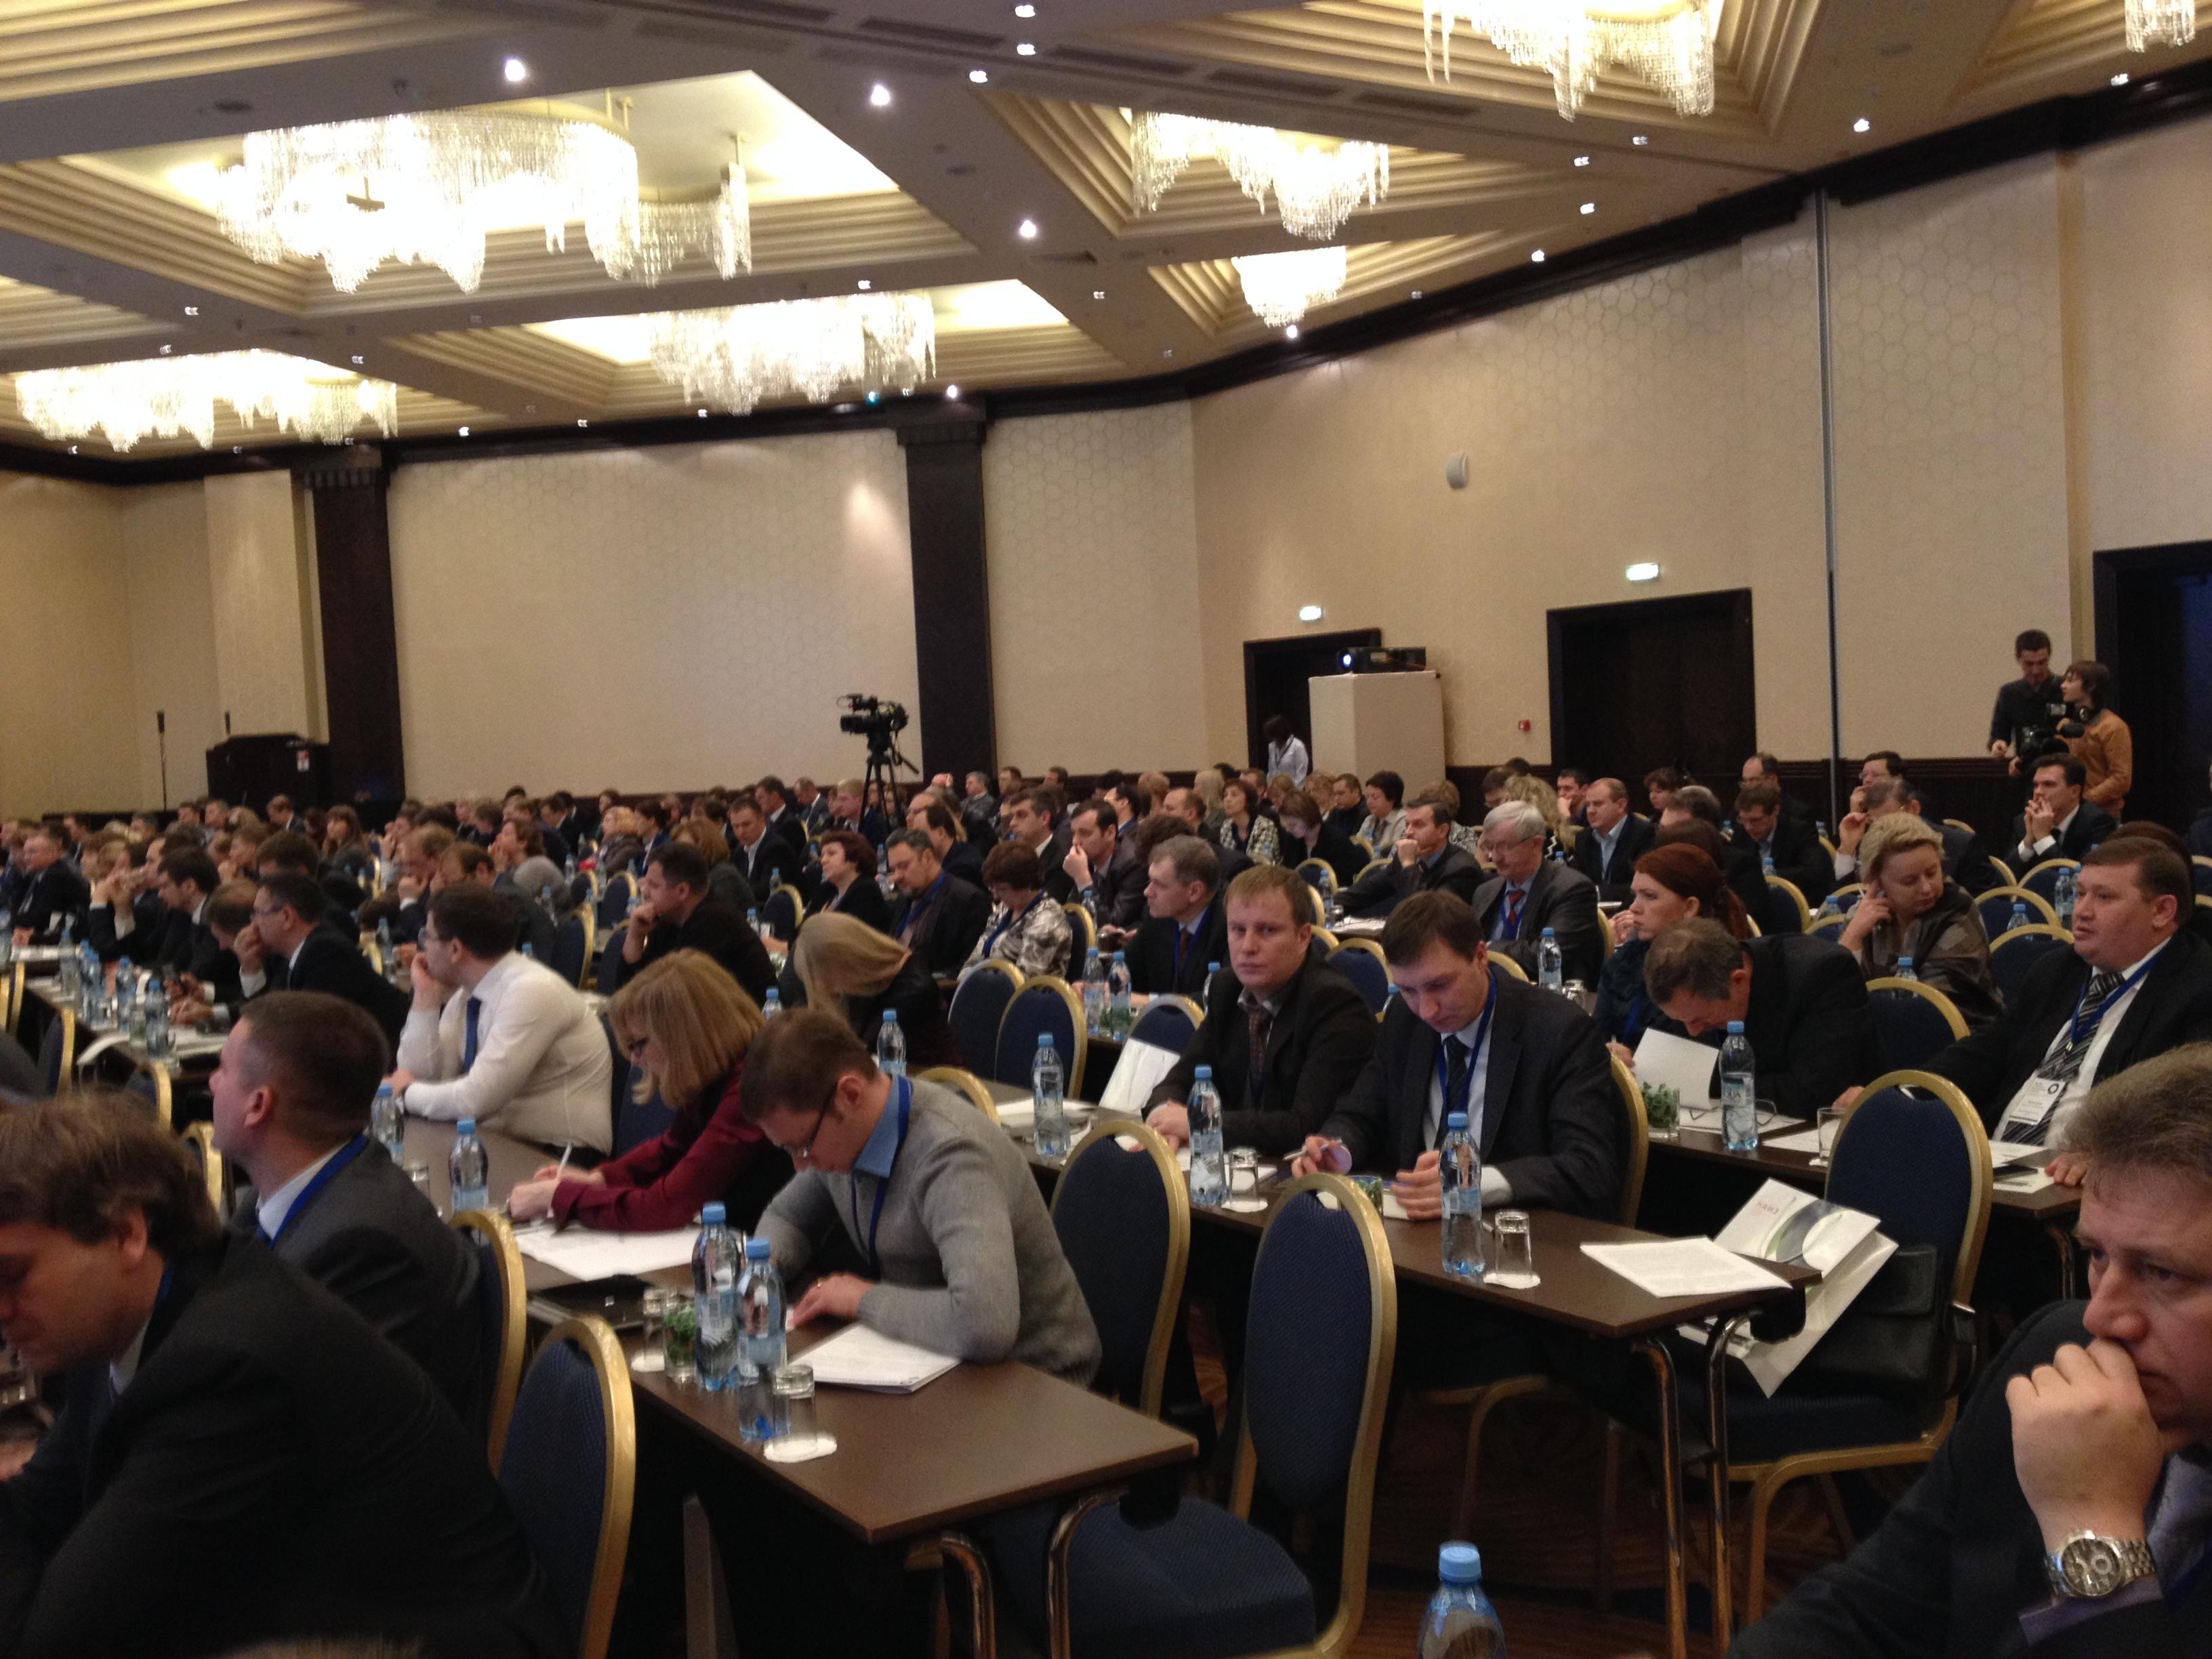 Федеральная Палата сферы безопасности приняла участие в Первой Всероссийской конференции Закупки в оборонно-промышленном комплексе